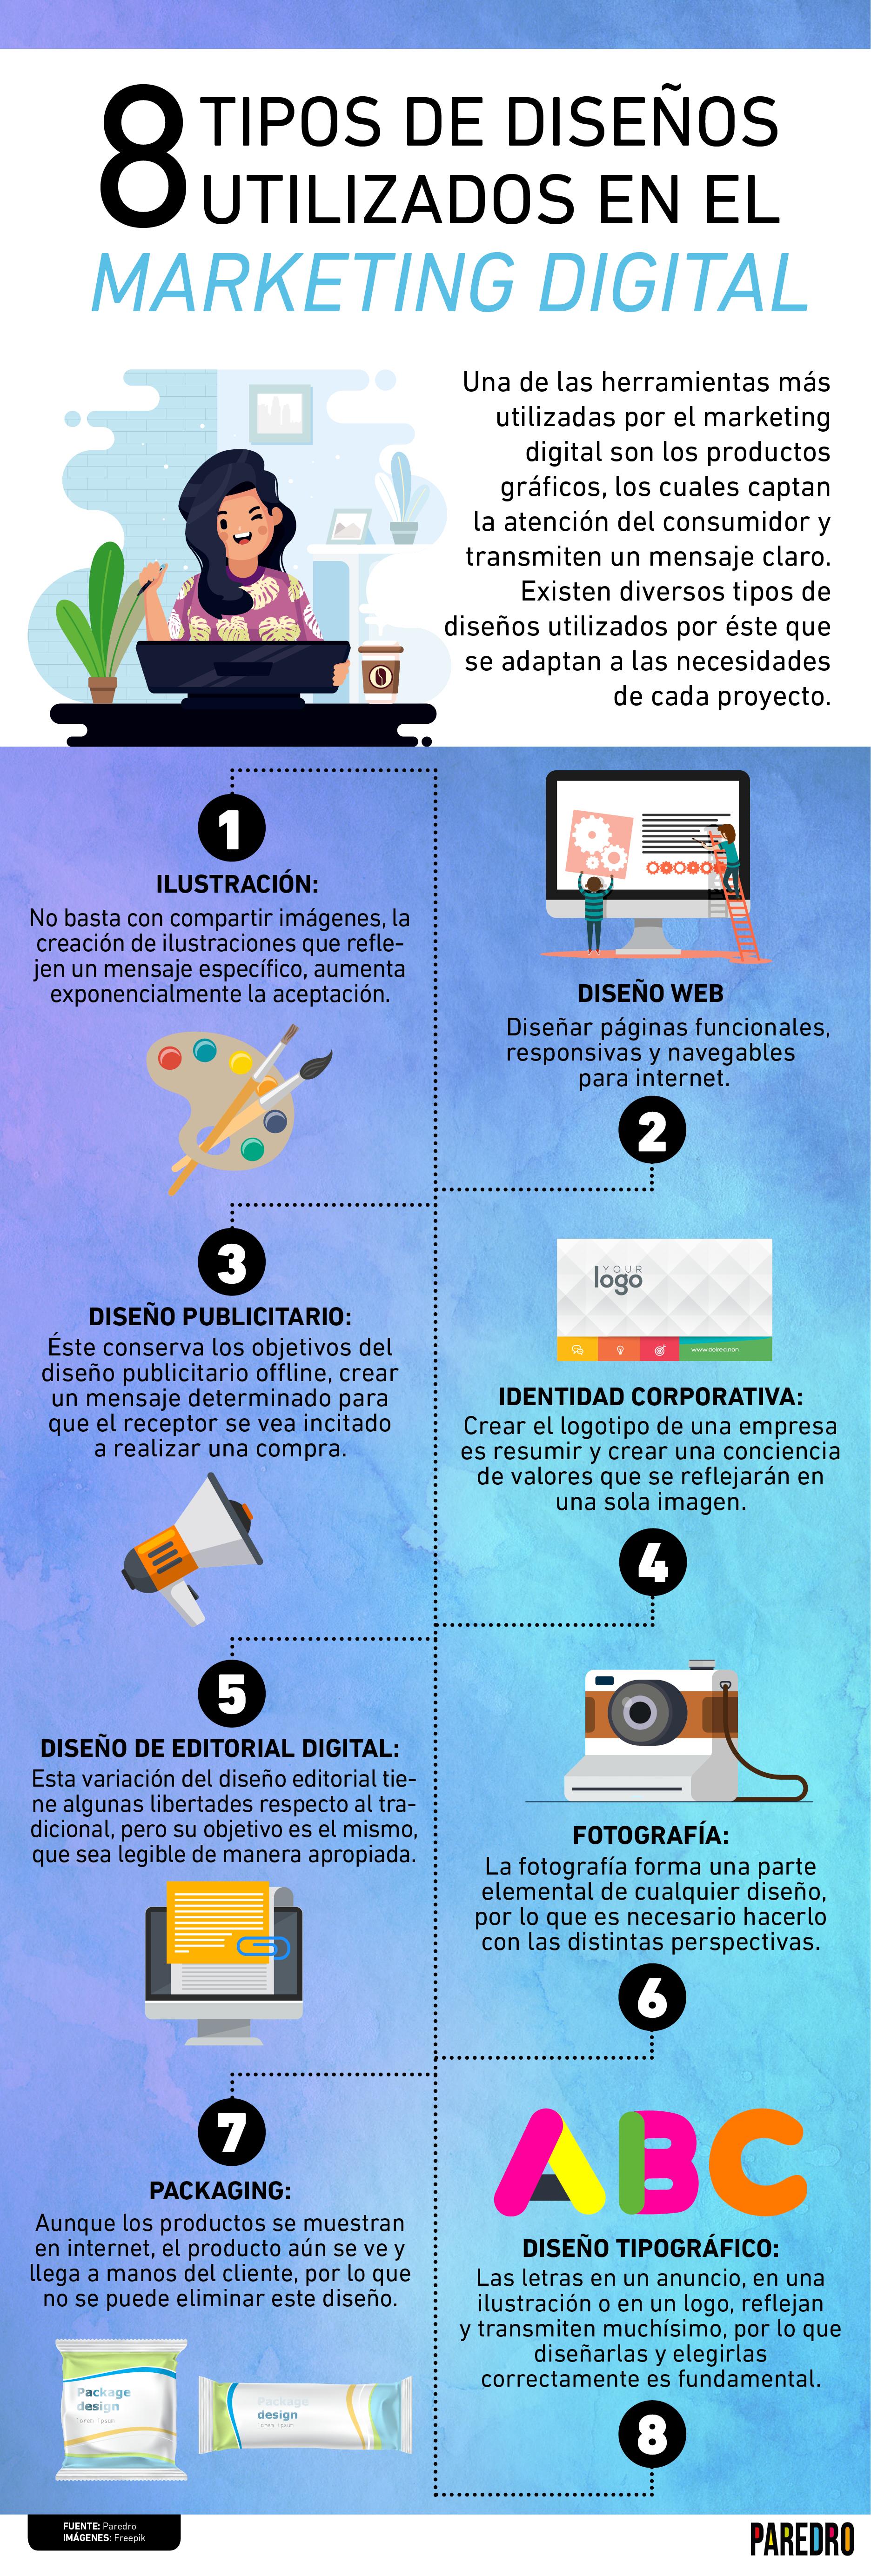 ¿Reconoces todos los tipos de diseños utilizados en el marketing digital? En esta infografía te decimos cuáles son y sus detalles.